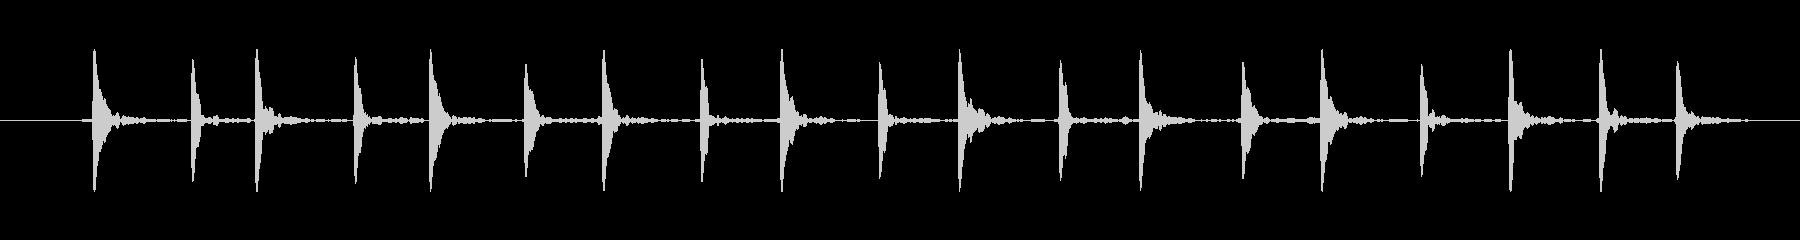 生演奏 テケテケテケ 小人が走る音 #2の未再生の波形